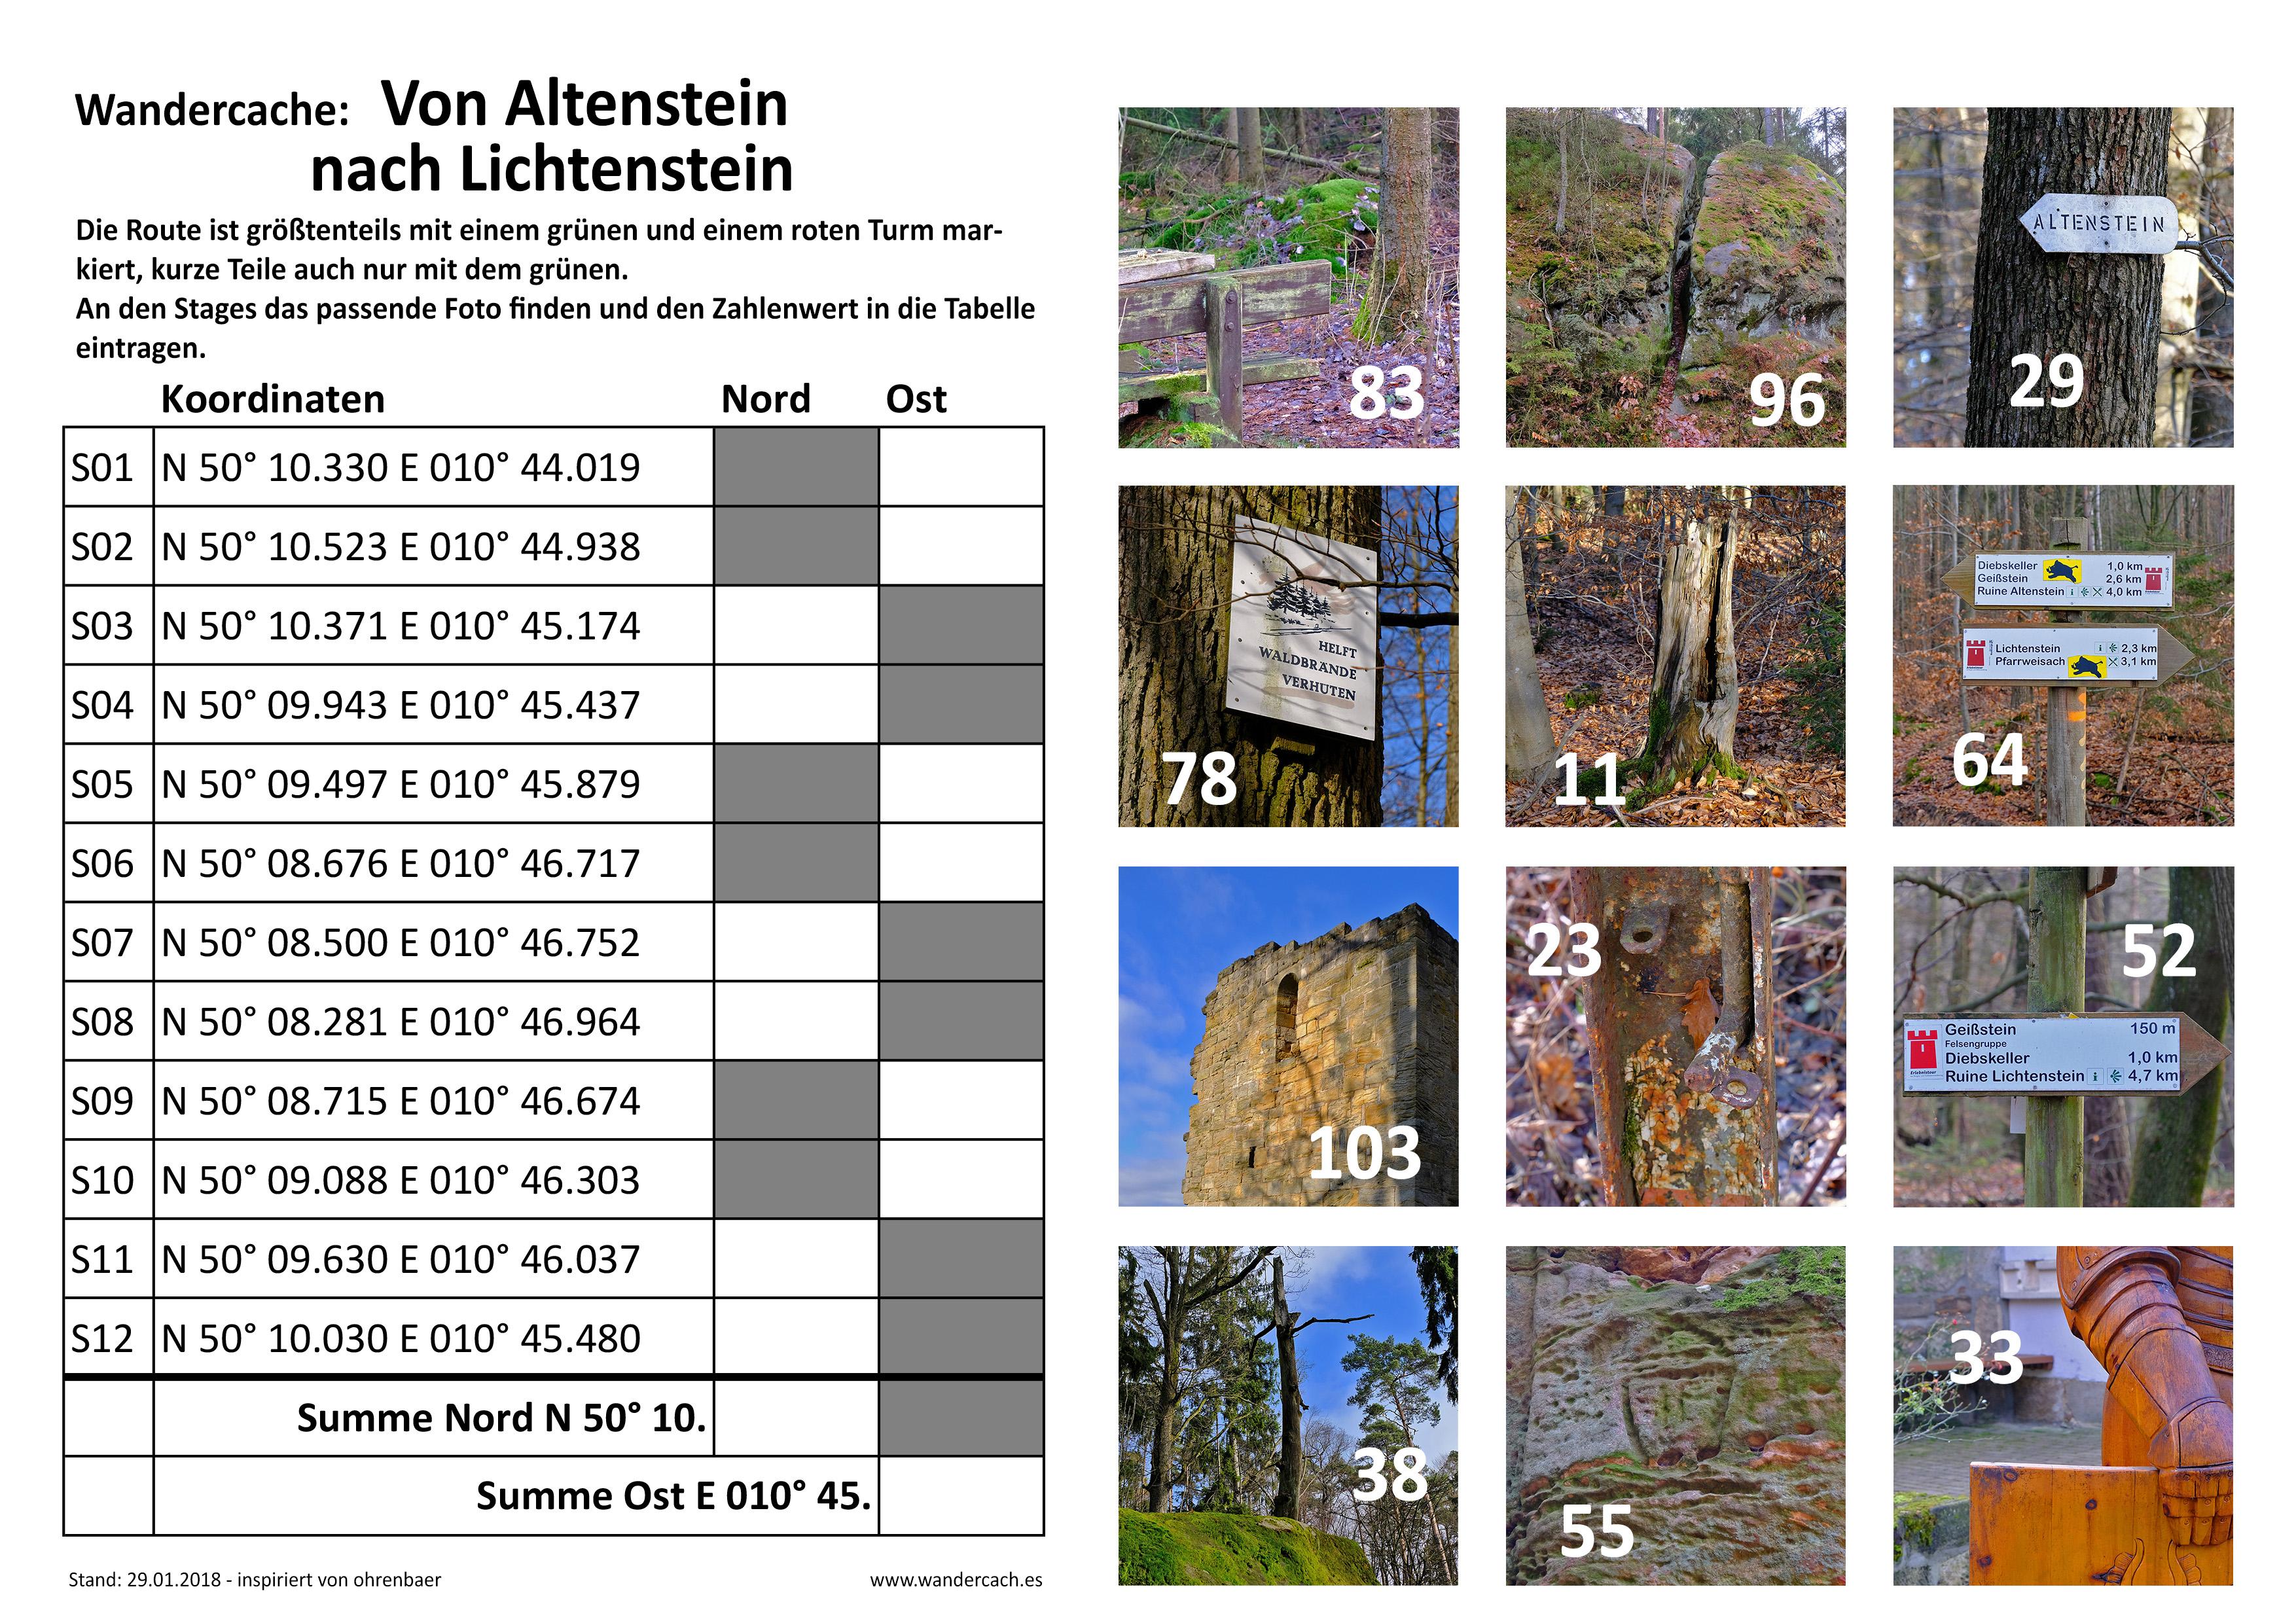 GC7HNBQ Wandercache: Von Altenstein nach Lichtenstein (Multi-cache ...